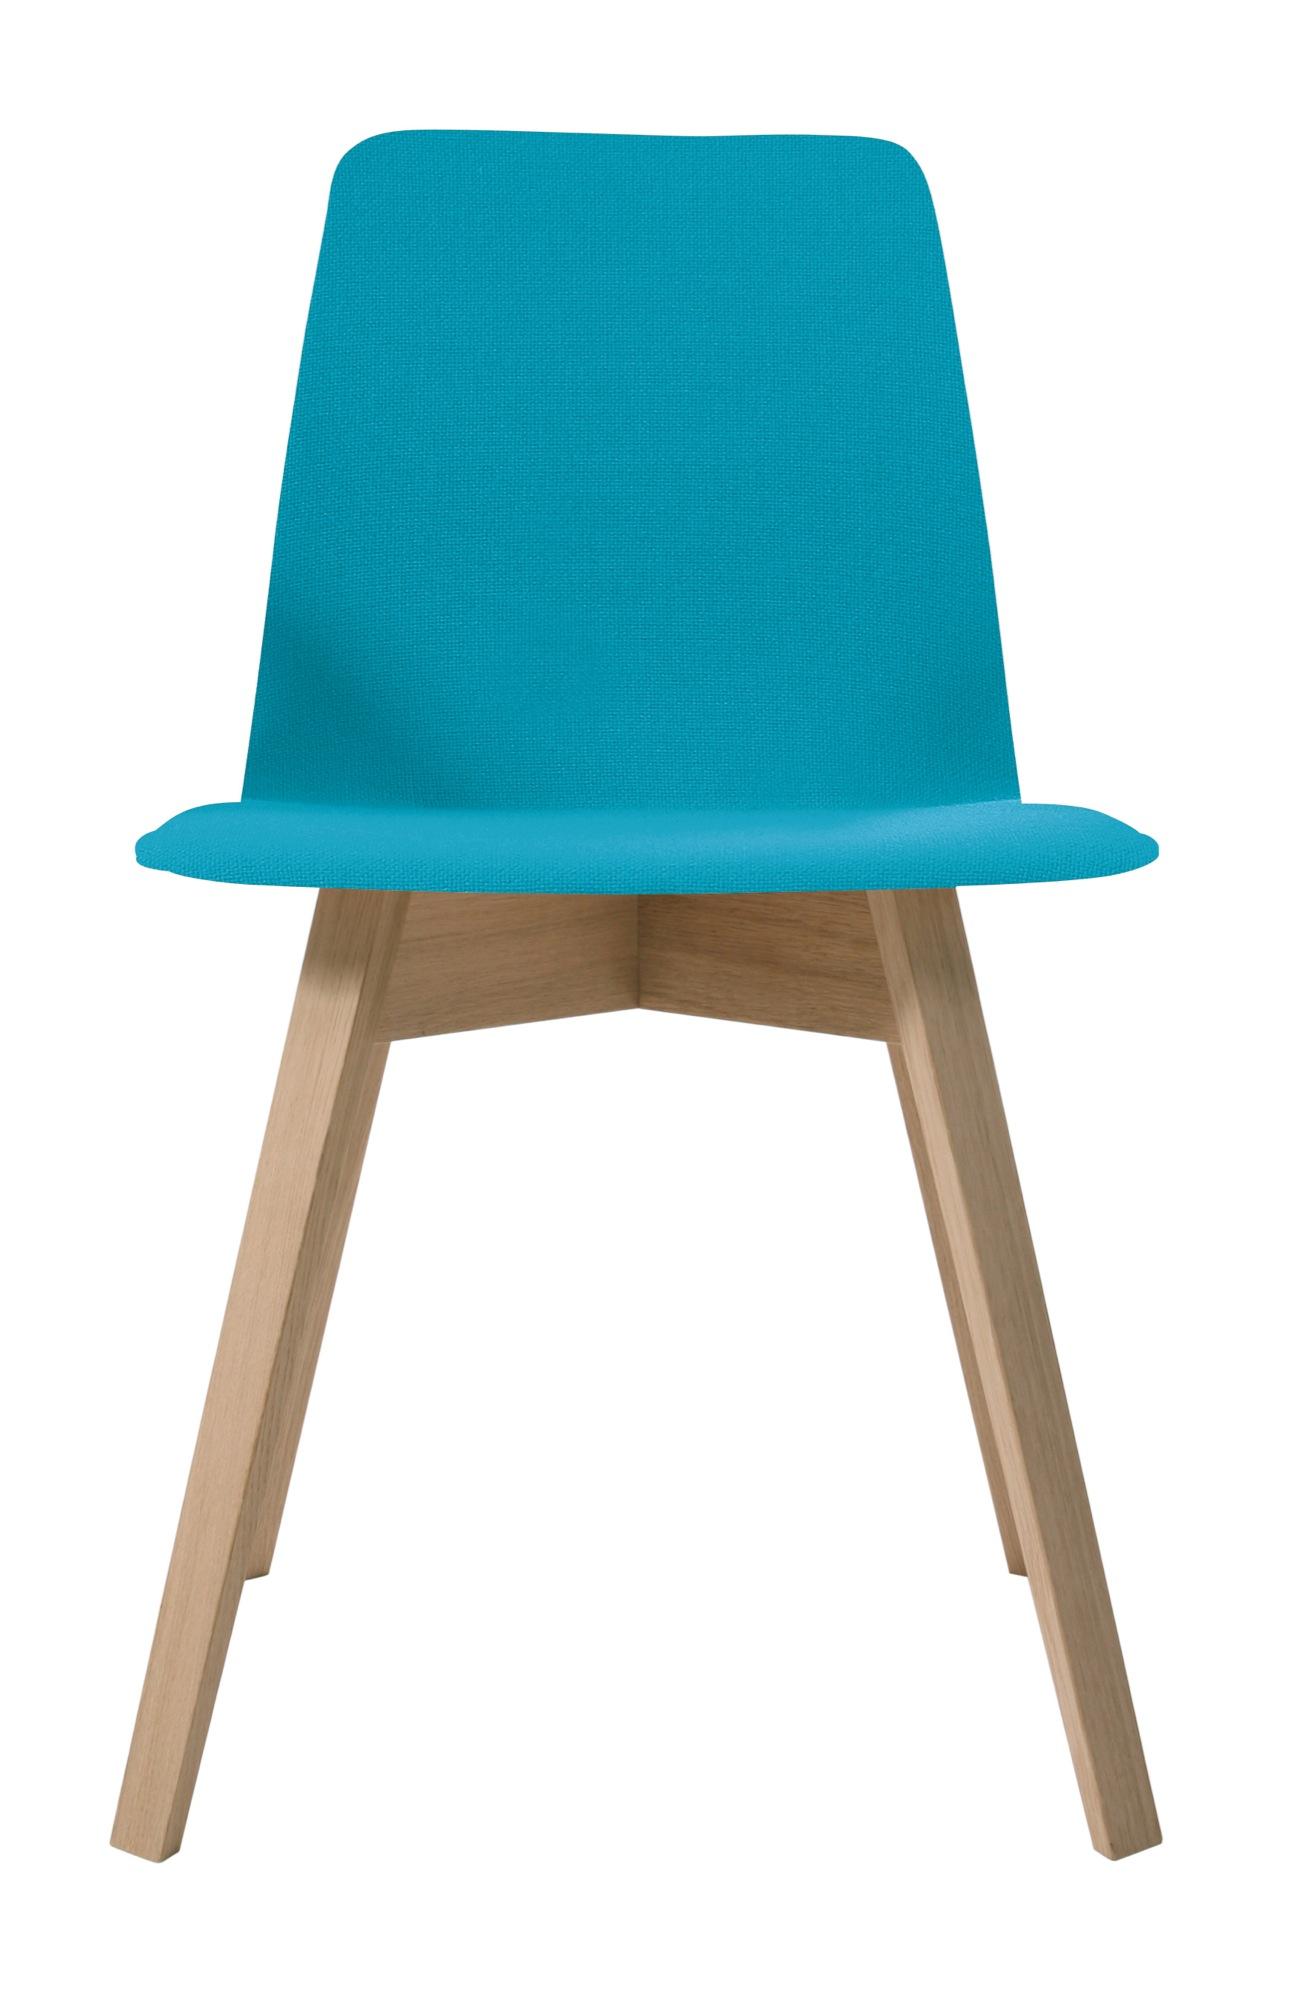 kff loves hallingdal 65 von kvadrat. Black Bedroom Furniture Sets. Home Design Ideas